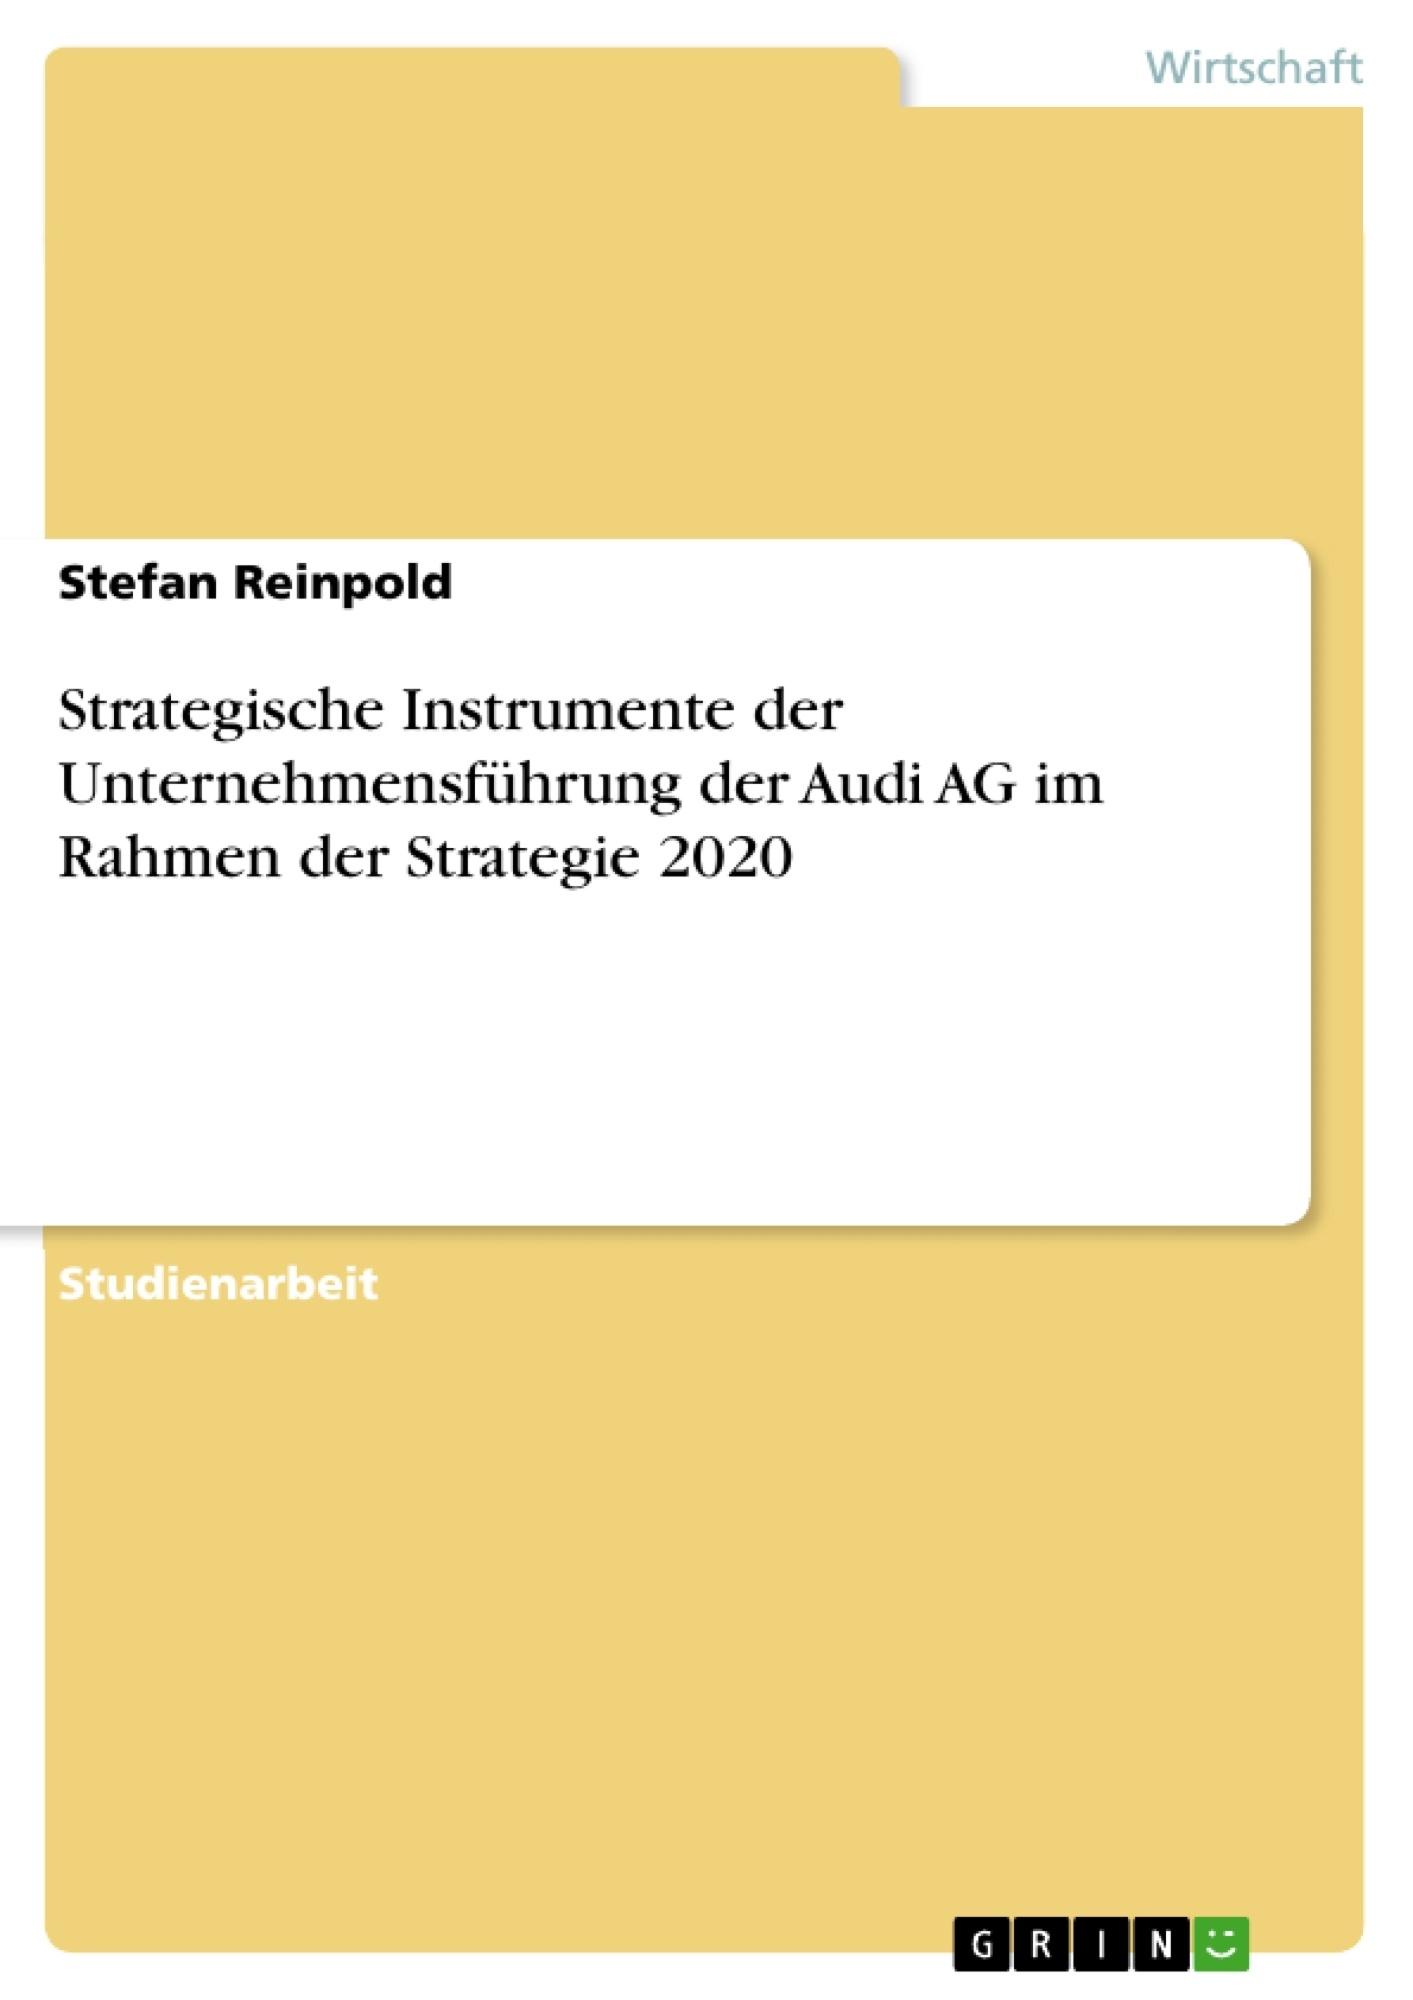 Titel: Strategische Instrumente der Unternehmensführung der Audi AG im Rahmen der Strategie 2020